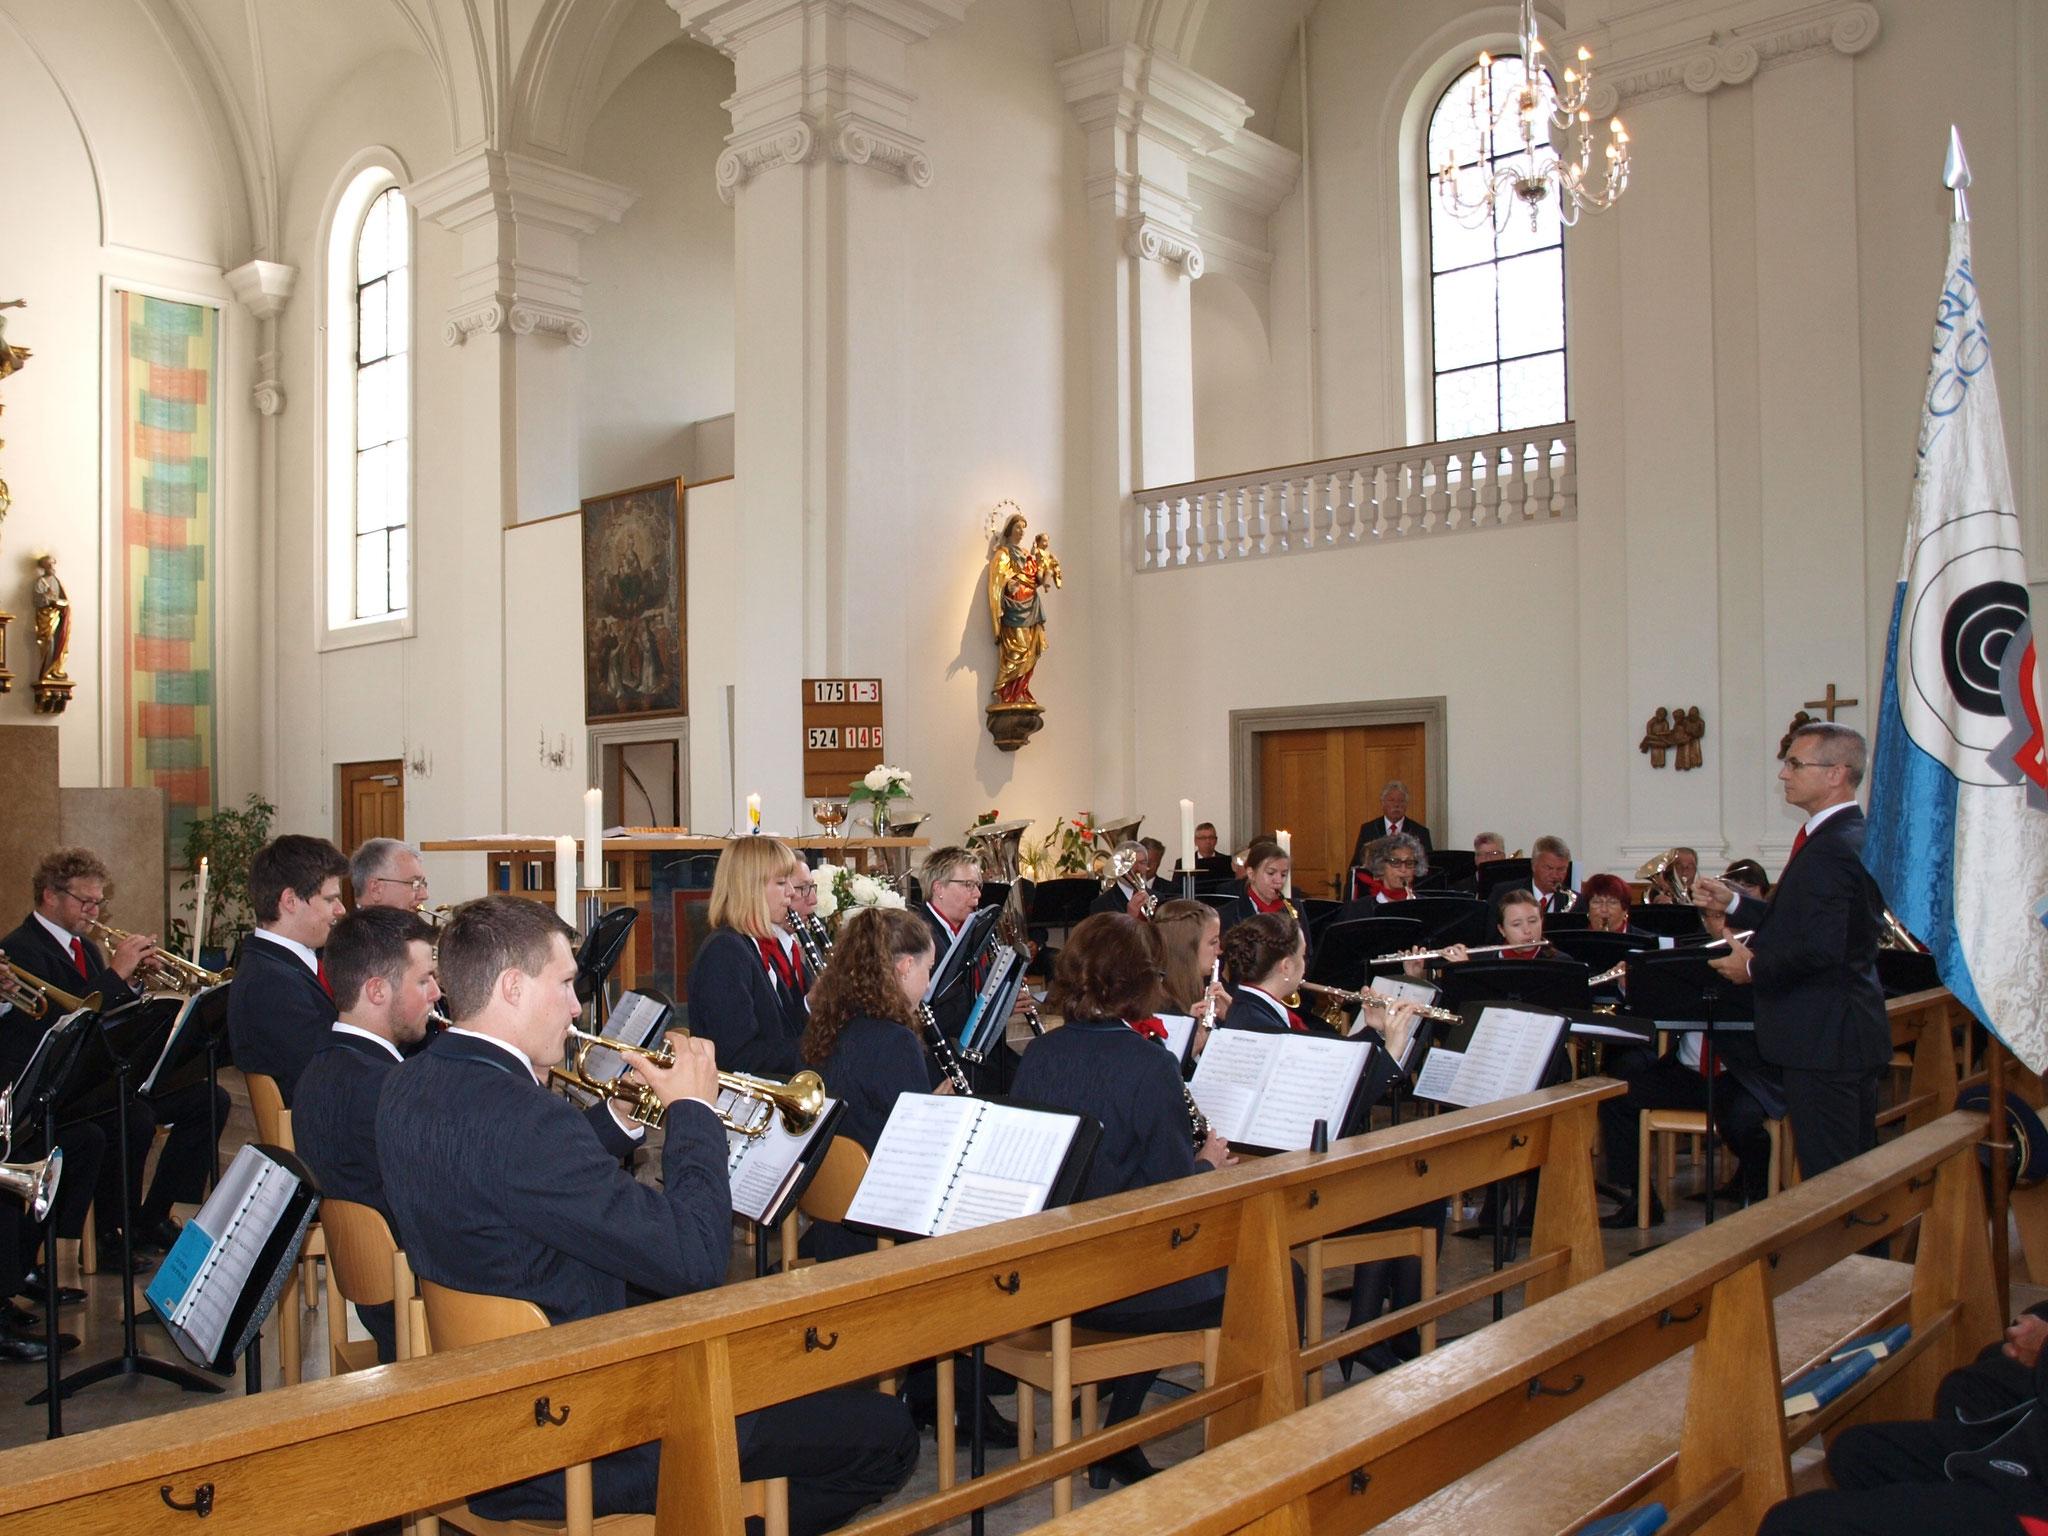 Die Feldmusik umrahmte den Gottesdienst musikalisch.